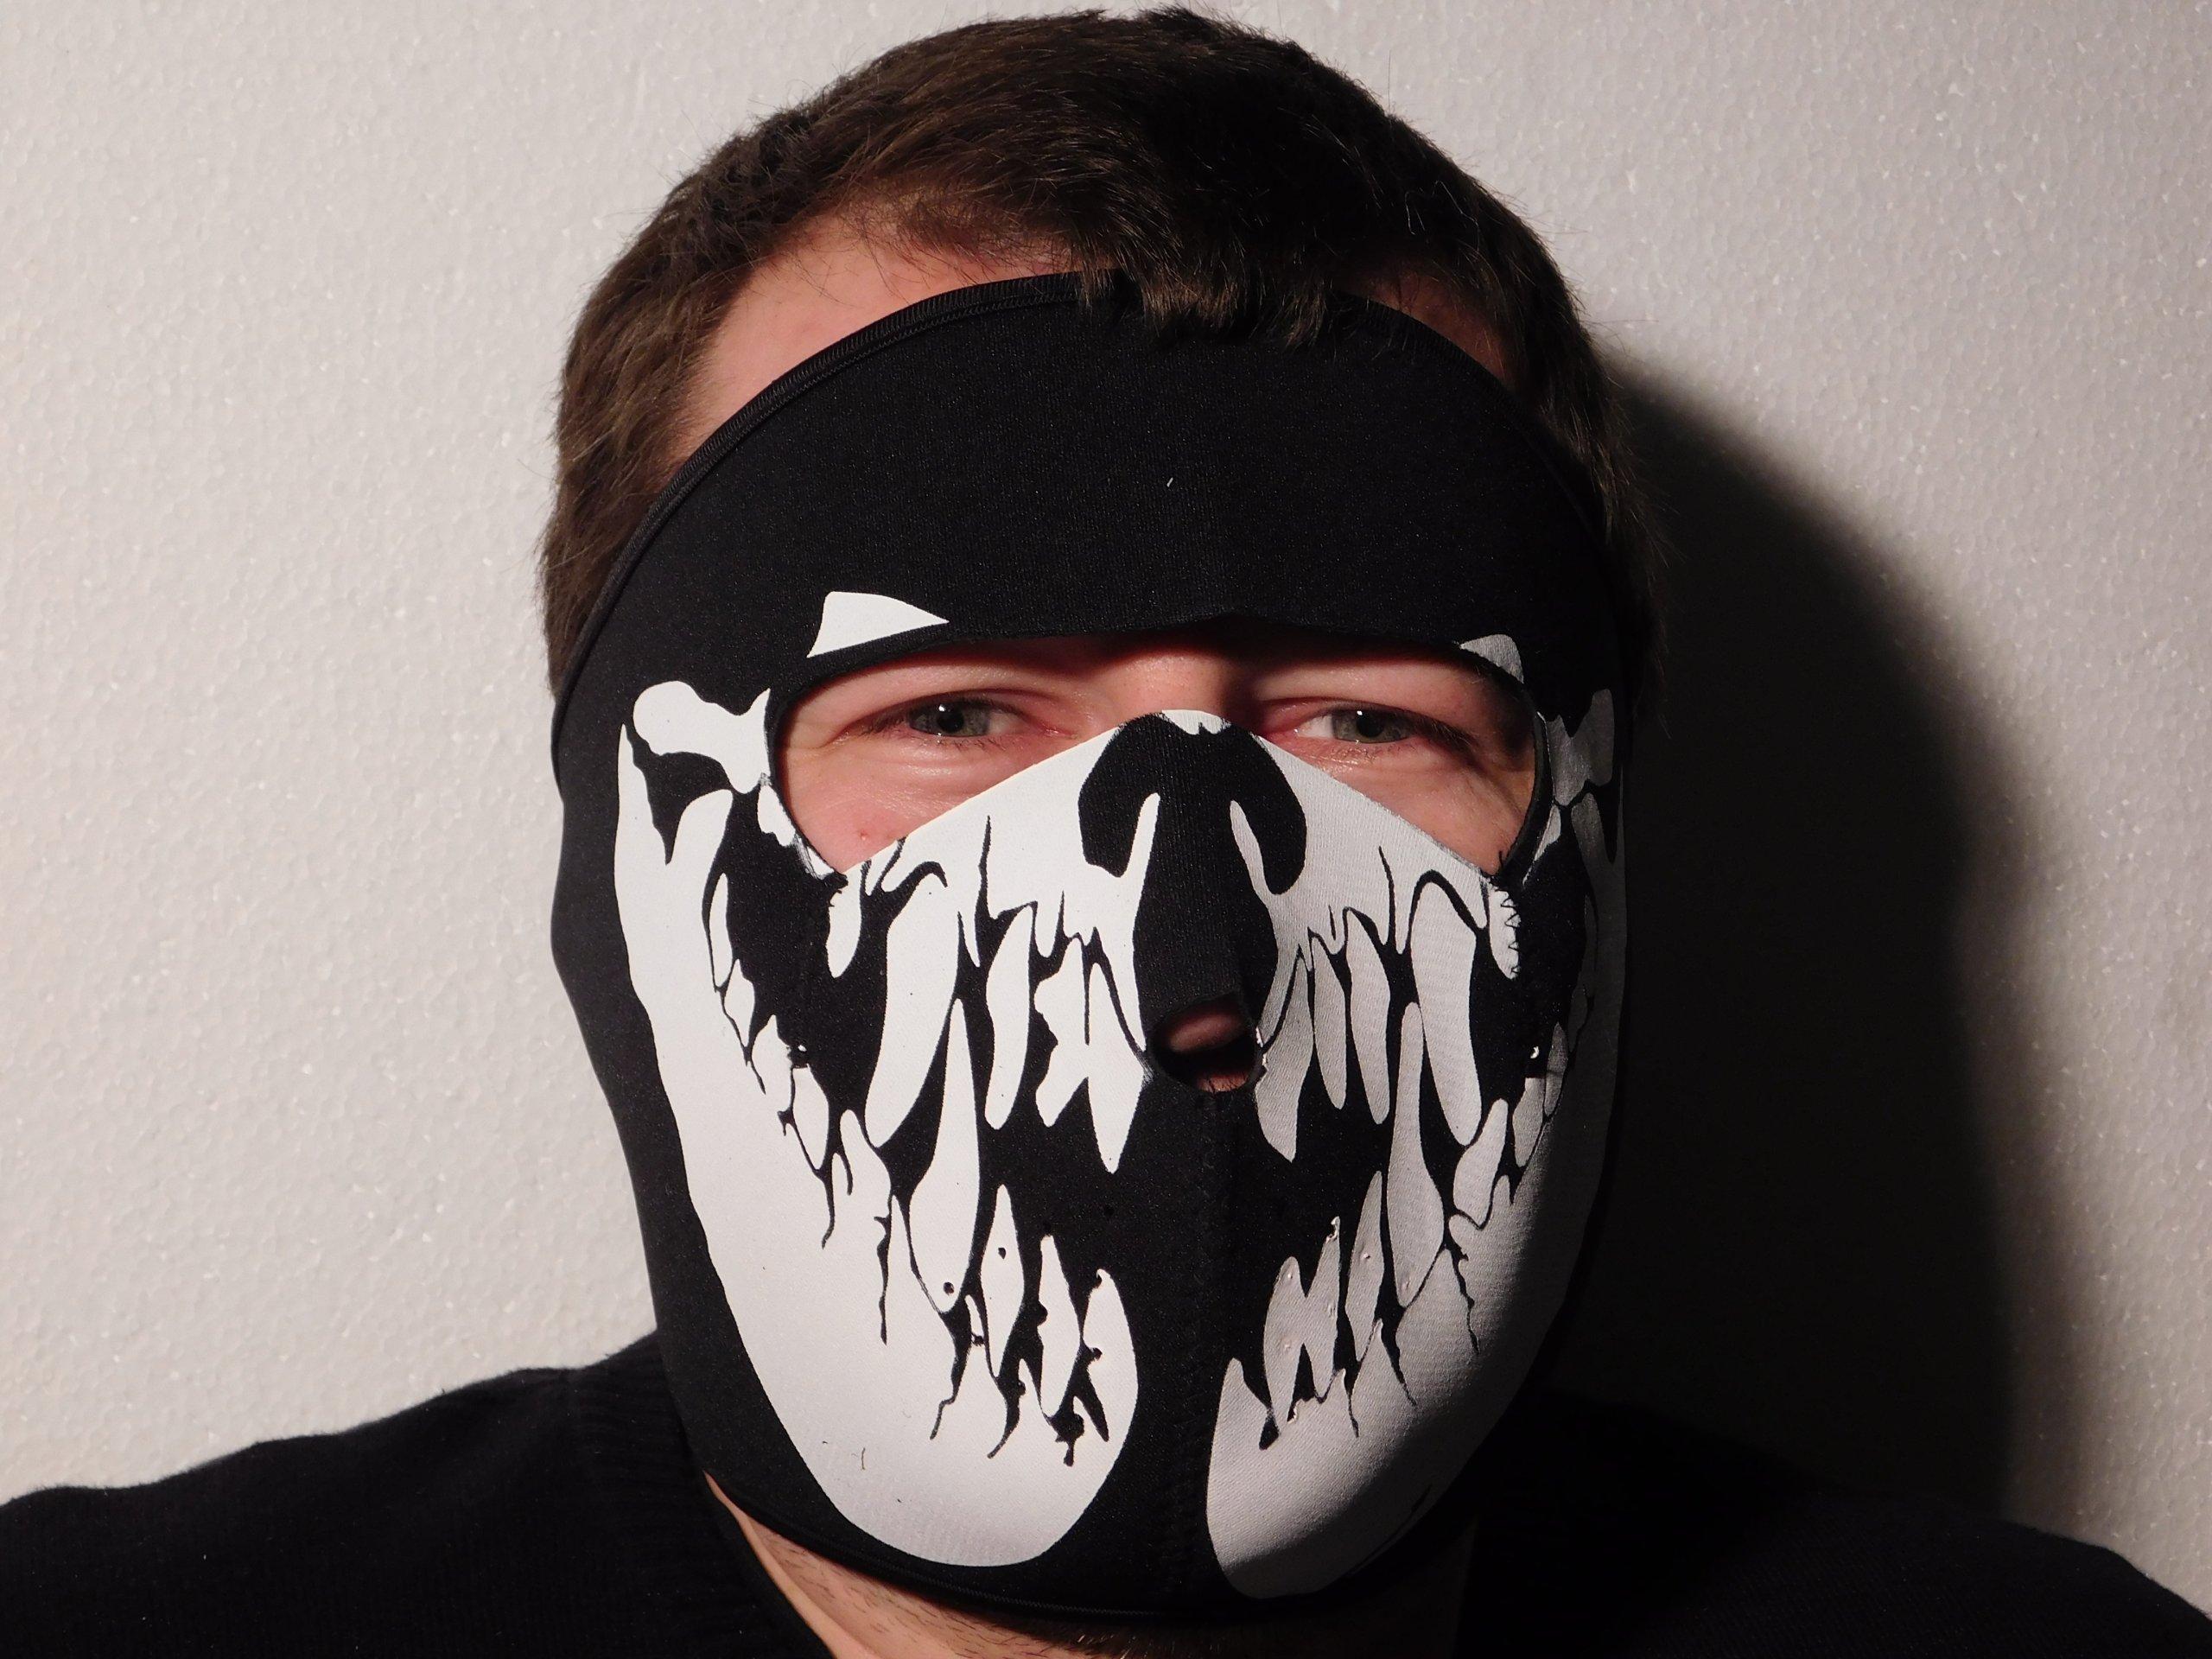 картинки хулиган с маской дали, благодаря результативной